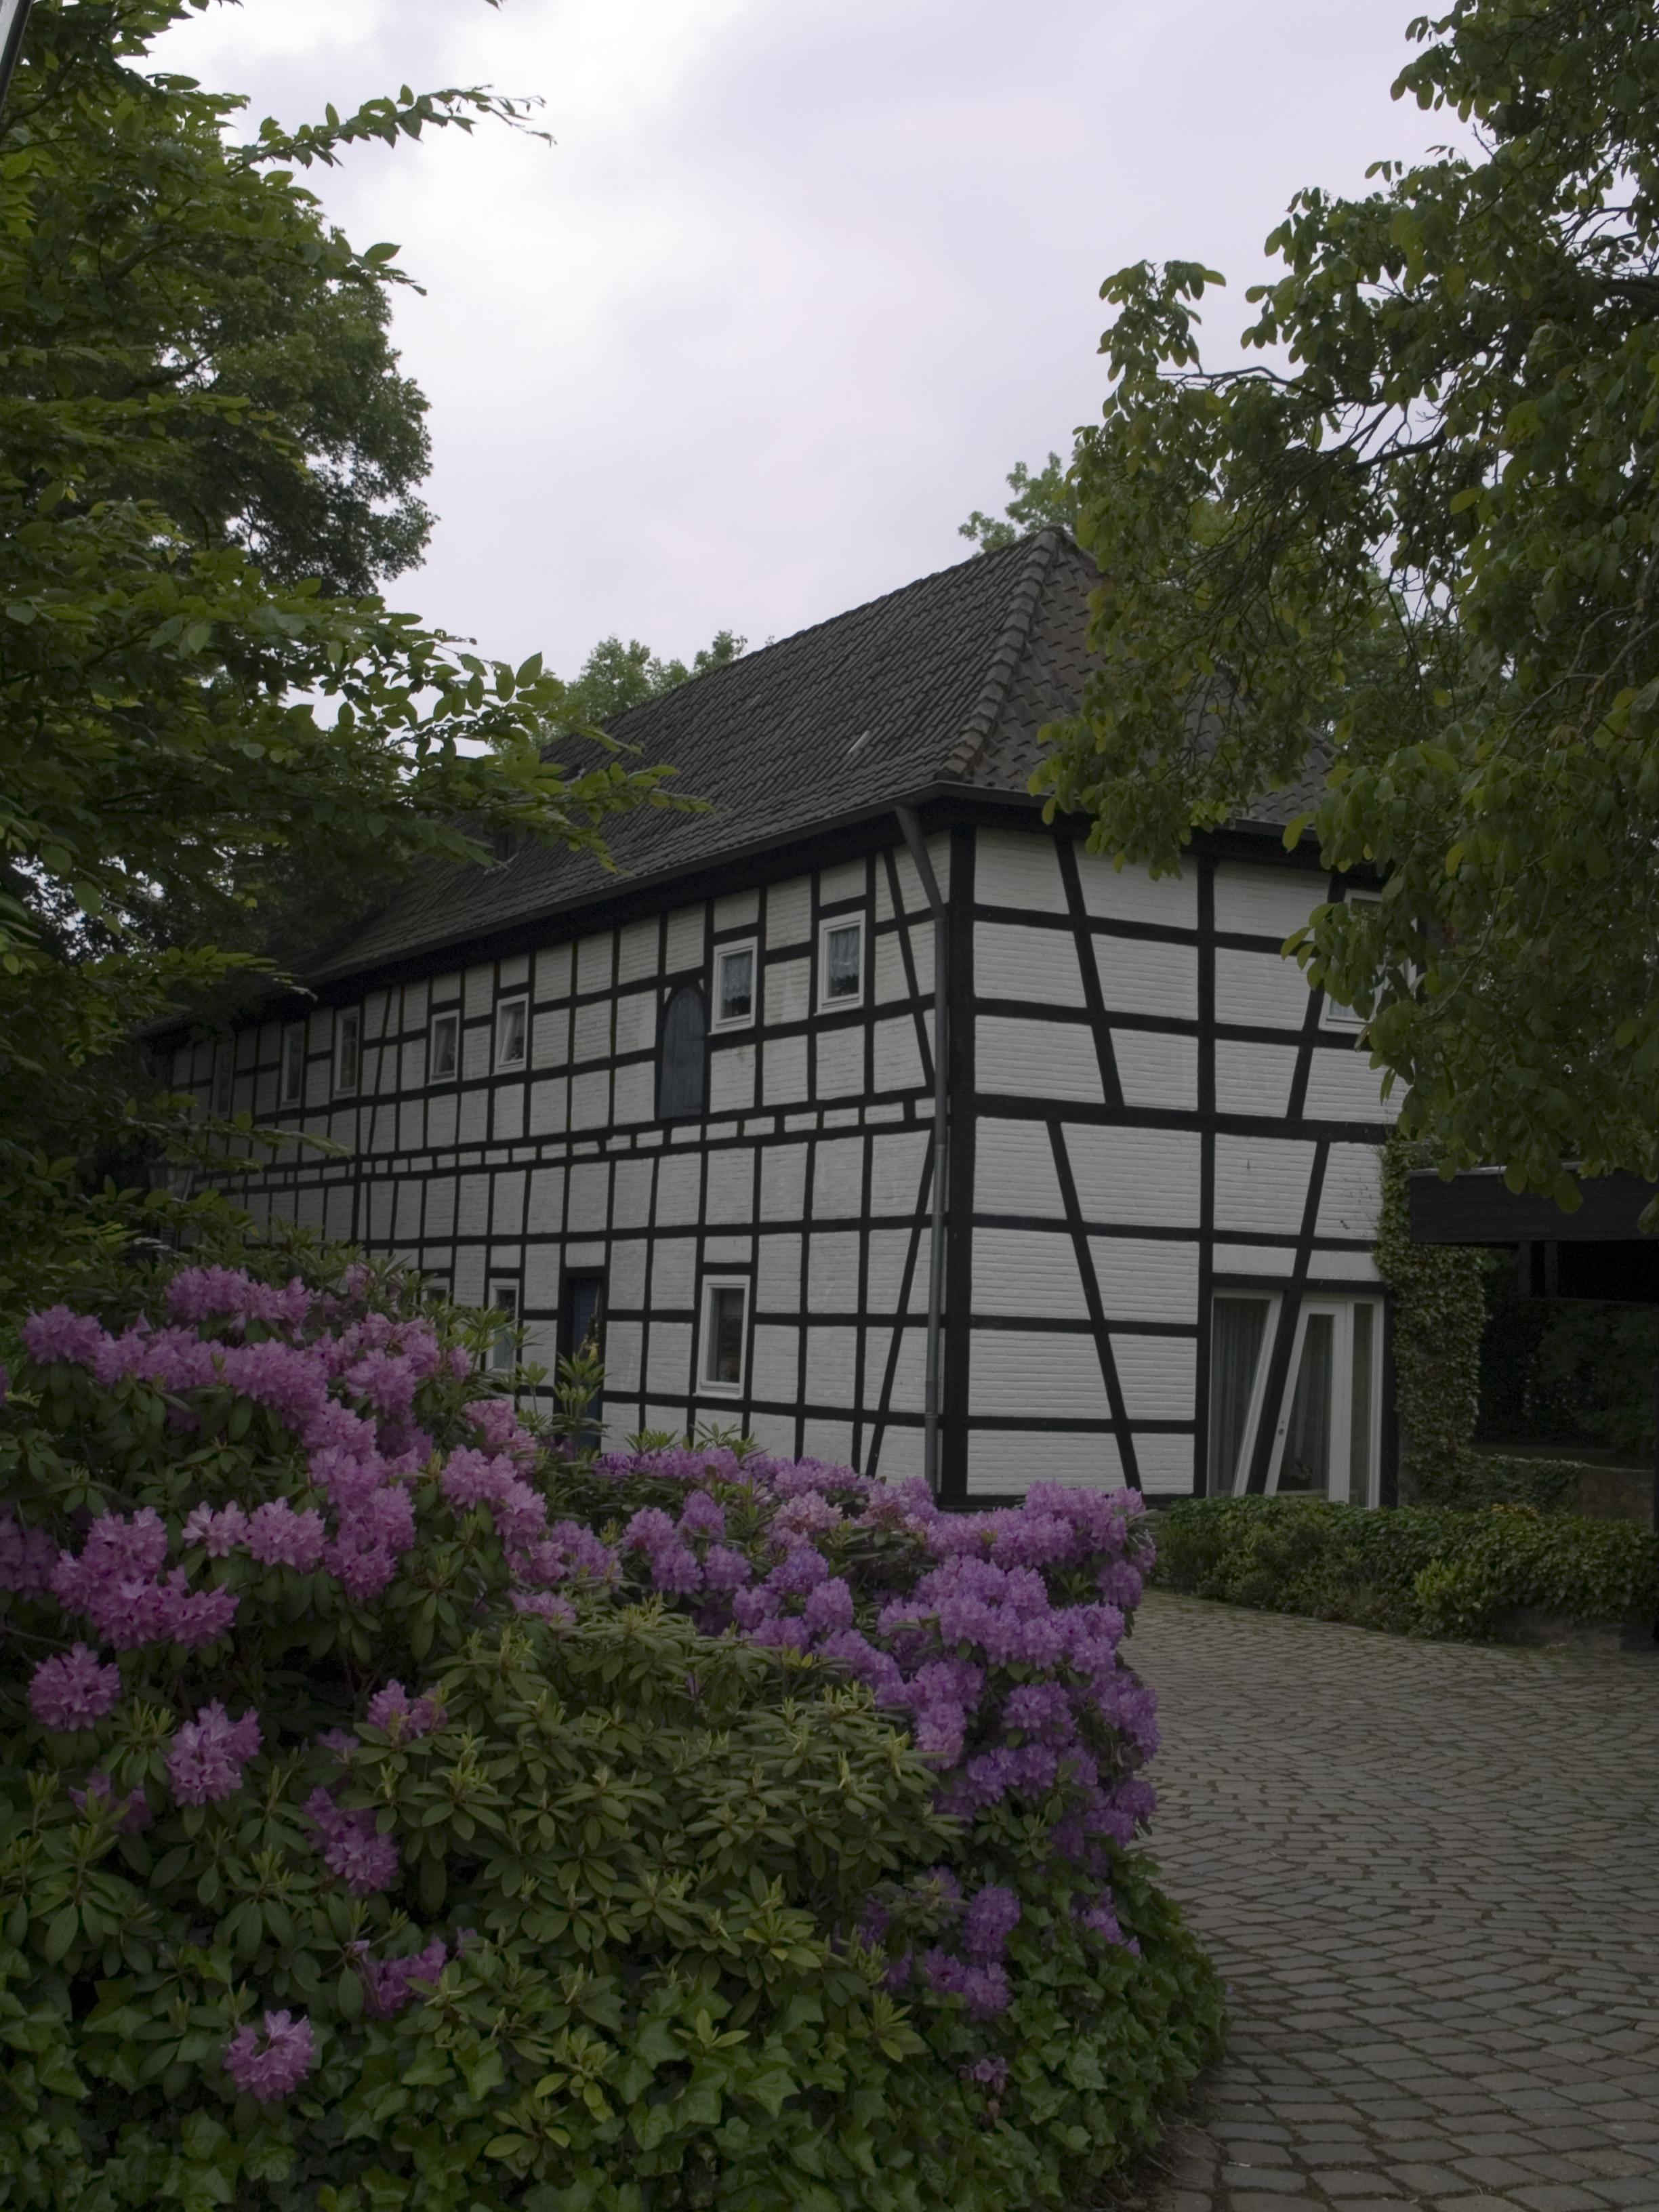 File NRW Ratingen Haus zum Haus 04 Wikimedia mons